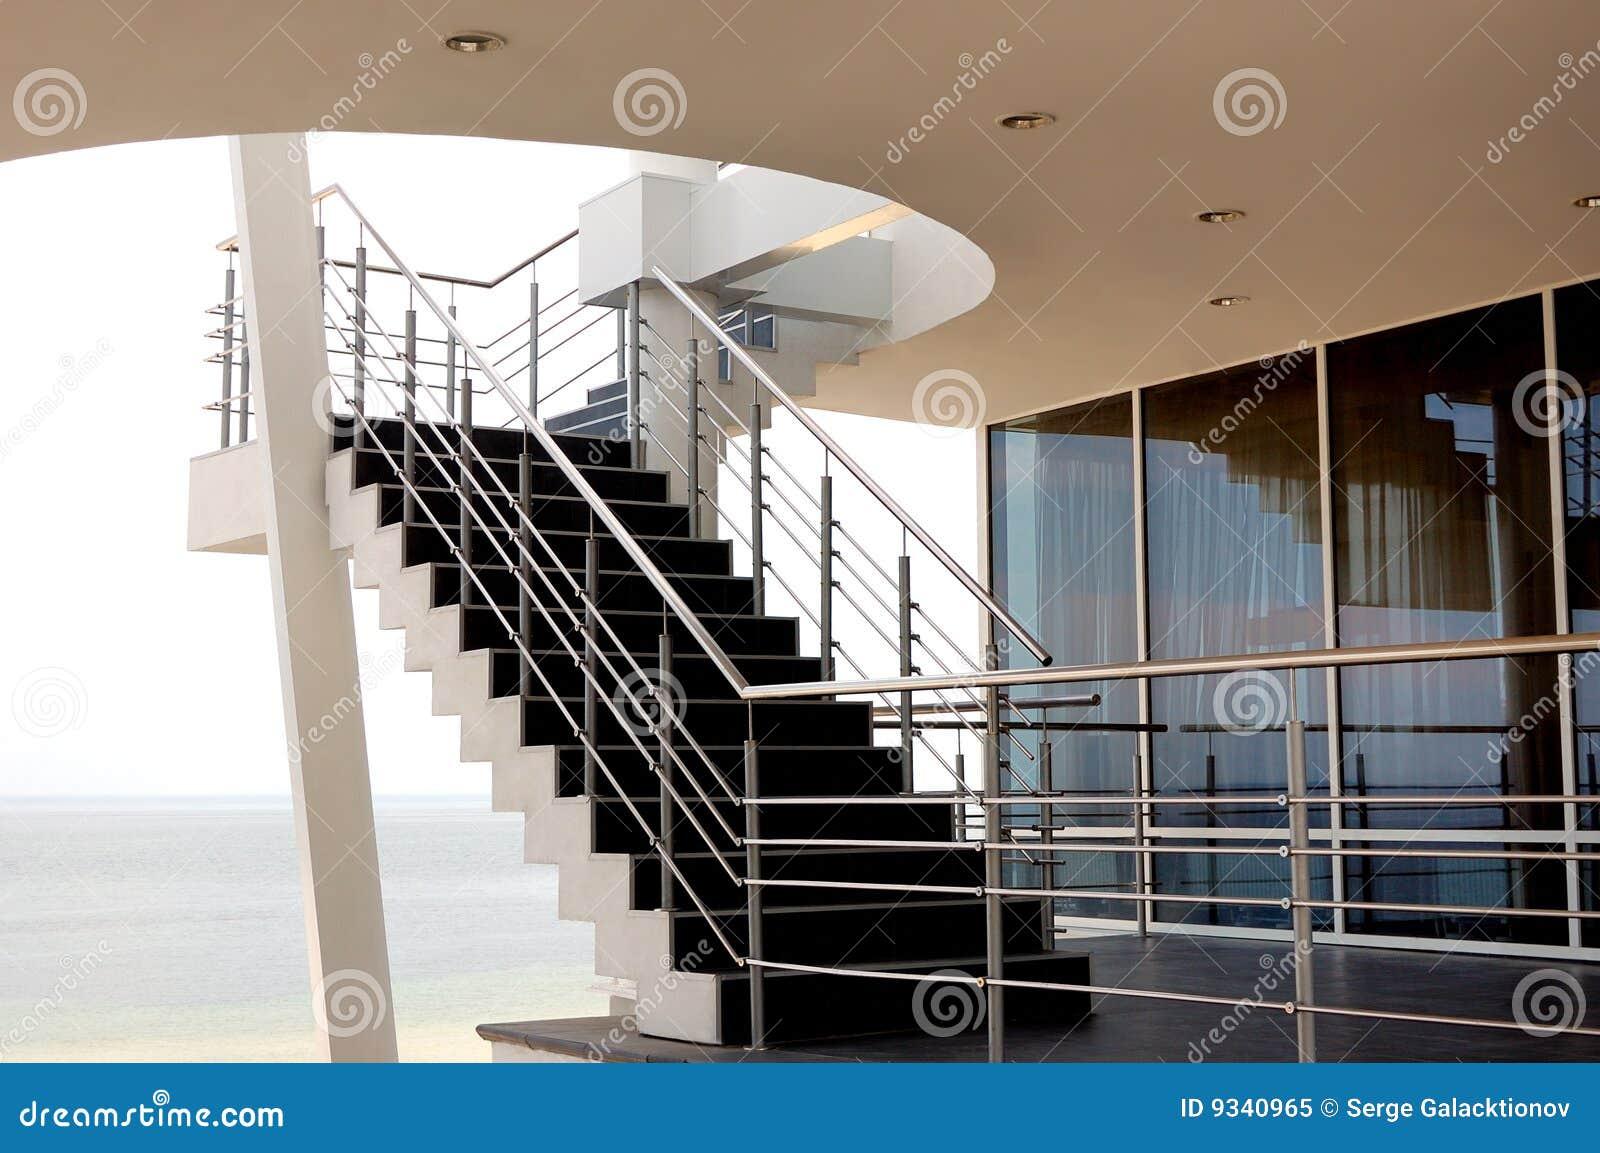 Großartig Moderne Treppen Referenz Von Pattern Stockbild. Bild Von Architektur, Decke -